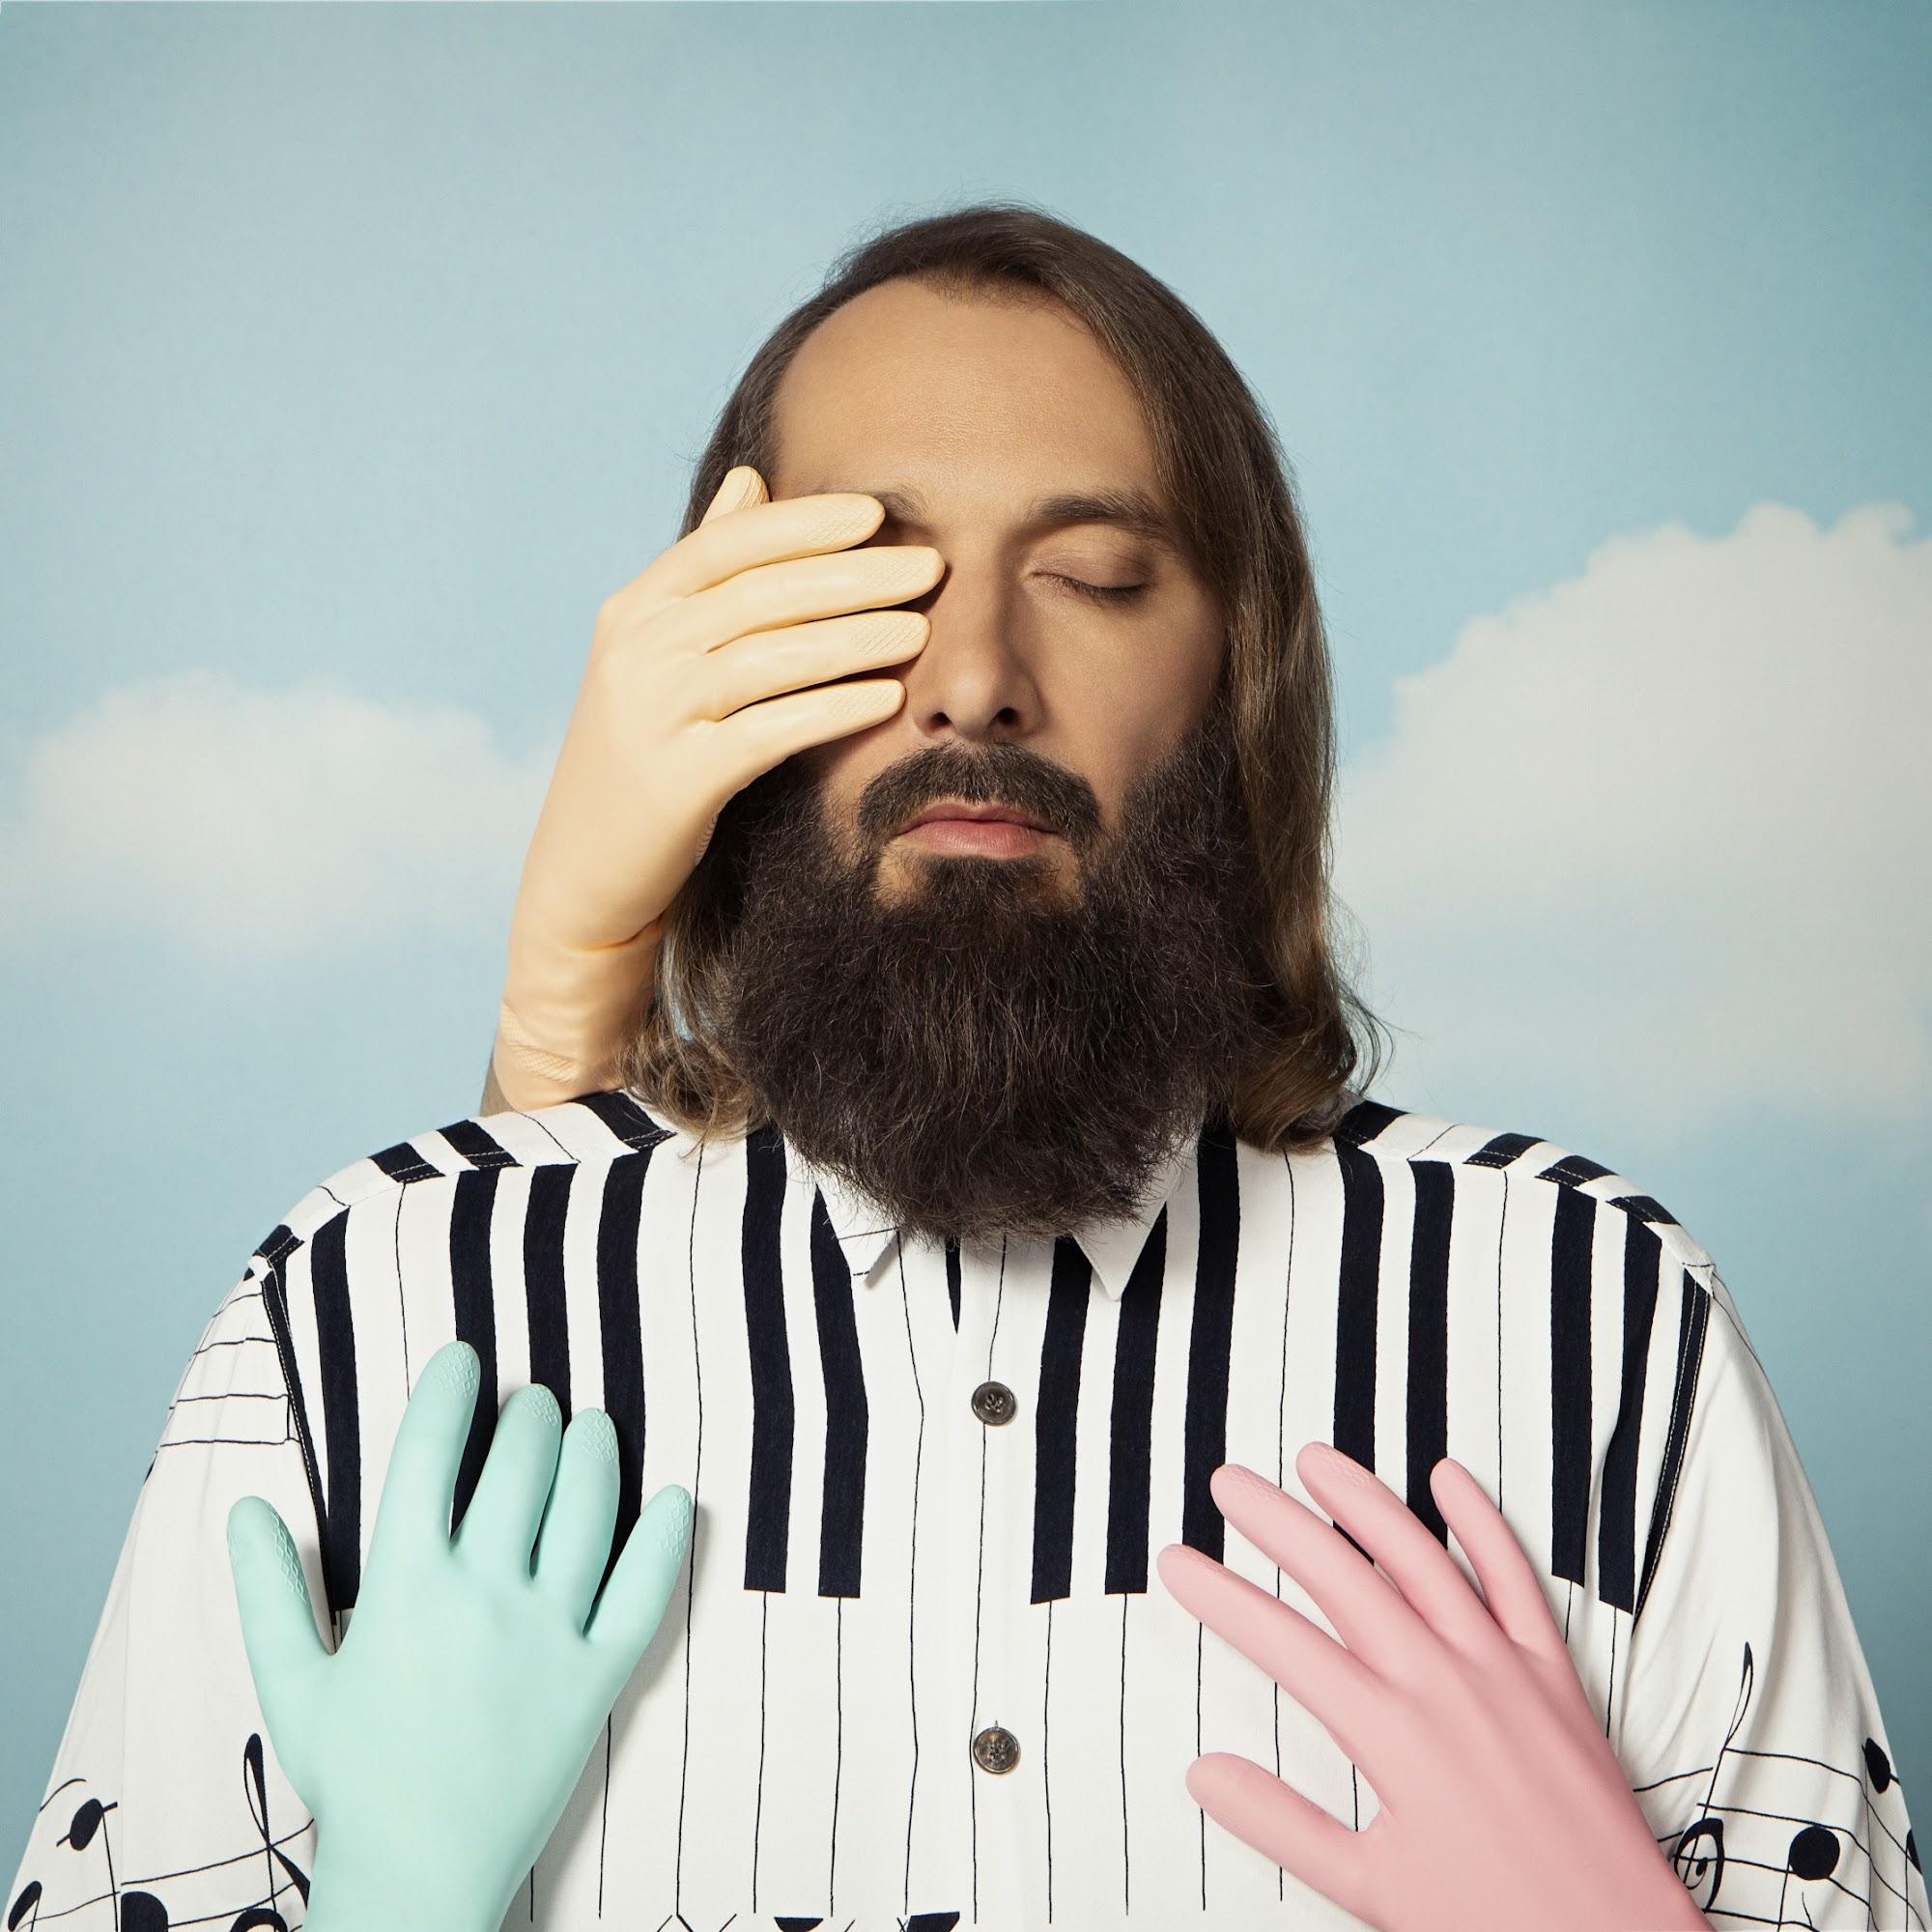 Sébastien Tellier meldet sich bald mit neuem Album zurück 'Domesticated' | 2 Musikvideos kündigen das Werk an